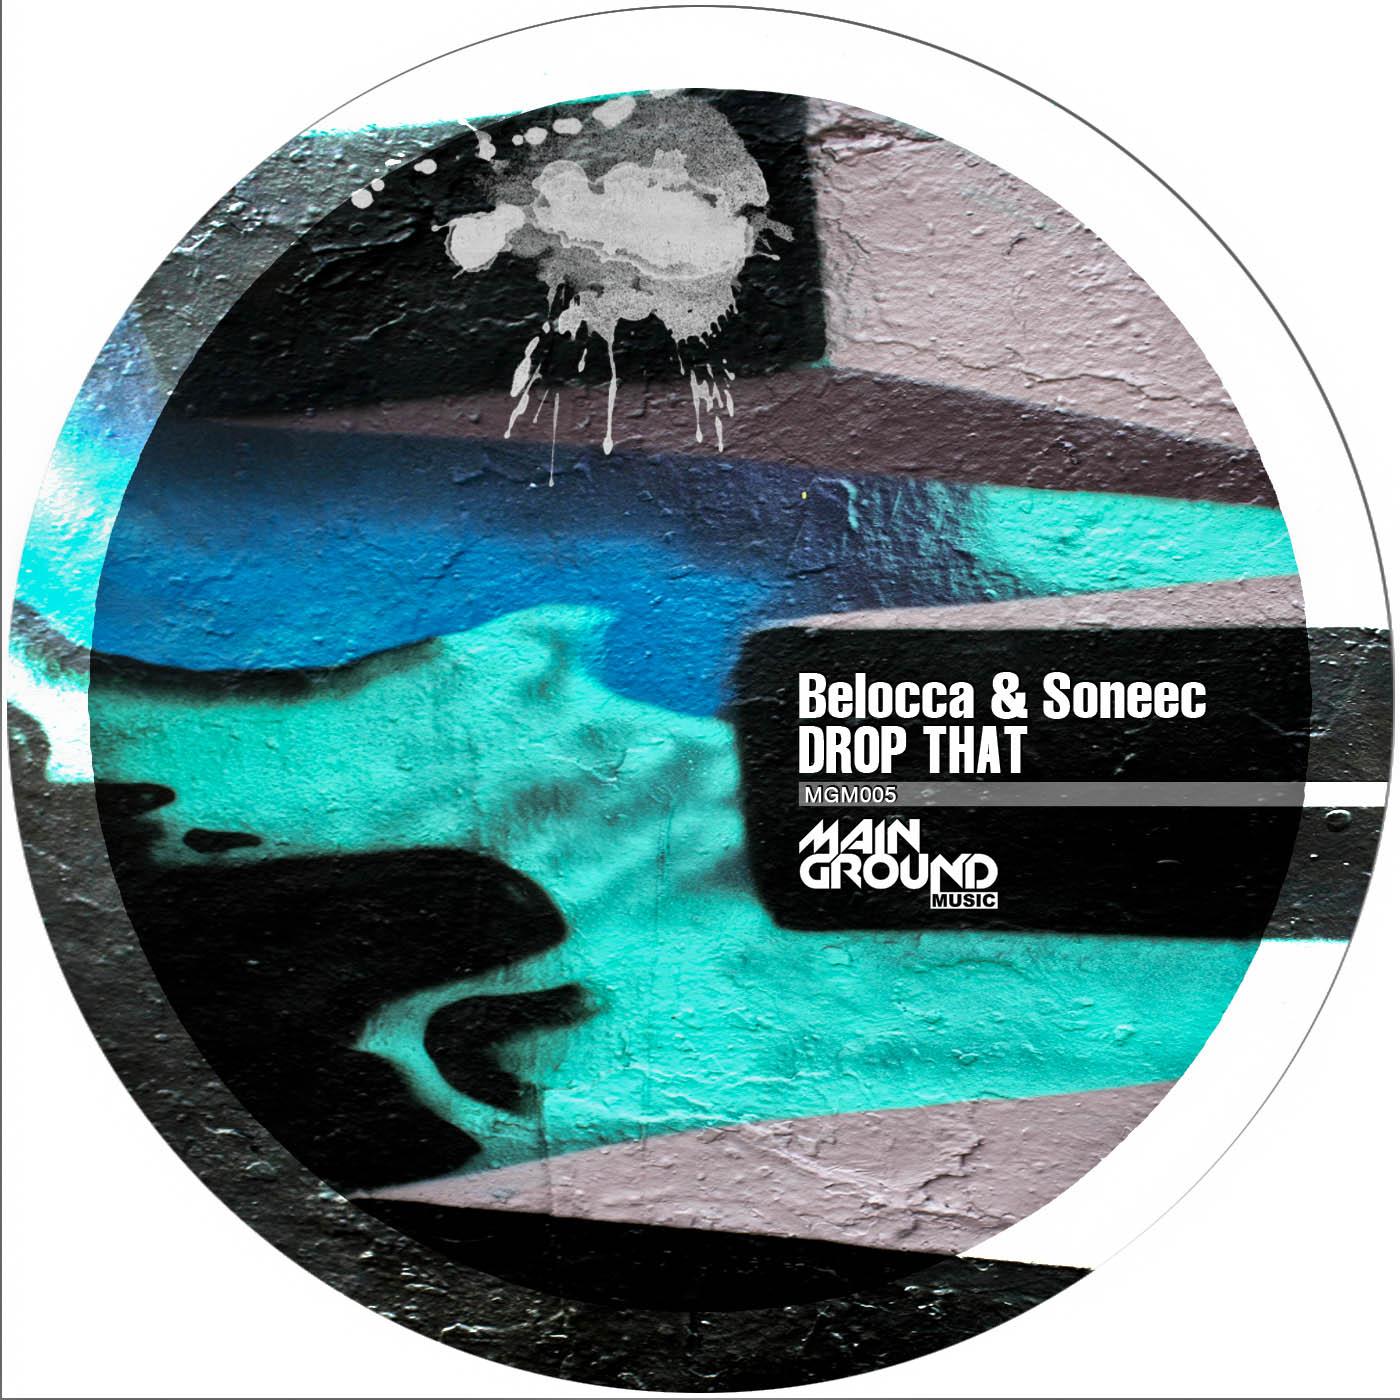 Belocca & Soneec - Drop That | Mainground Music